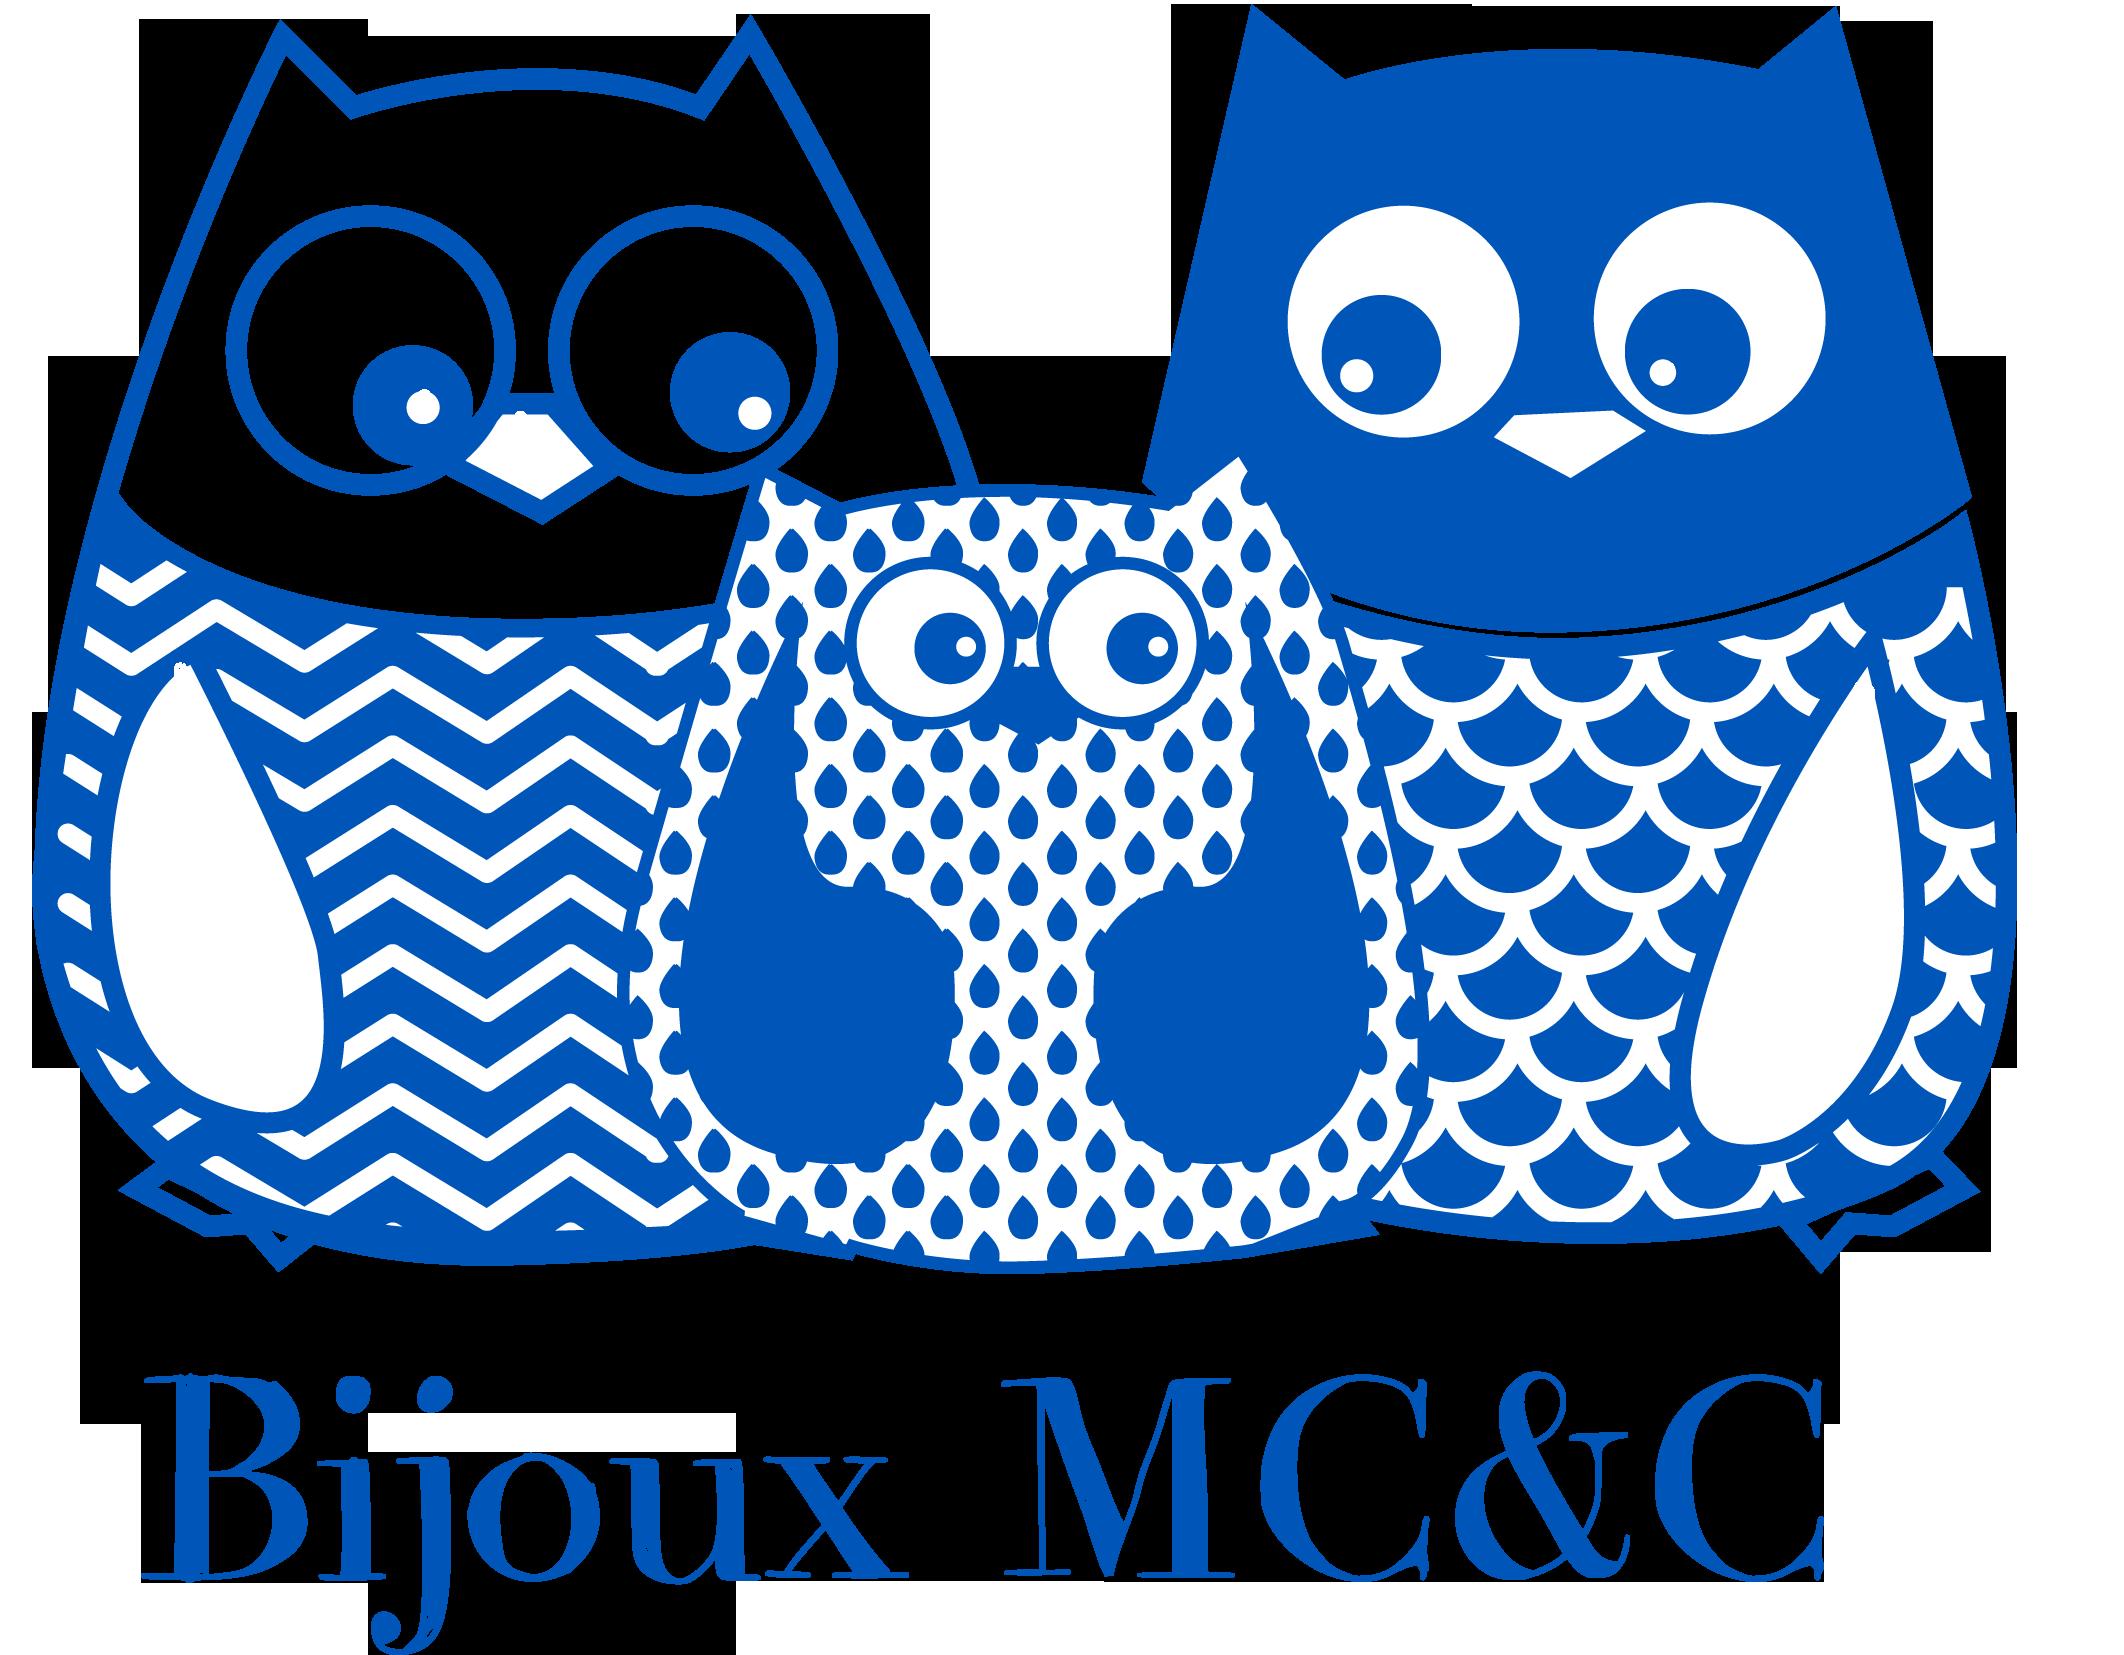 Bijoux MC&C